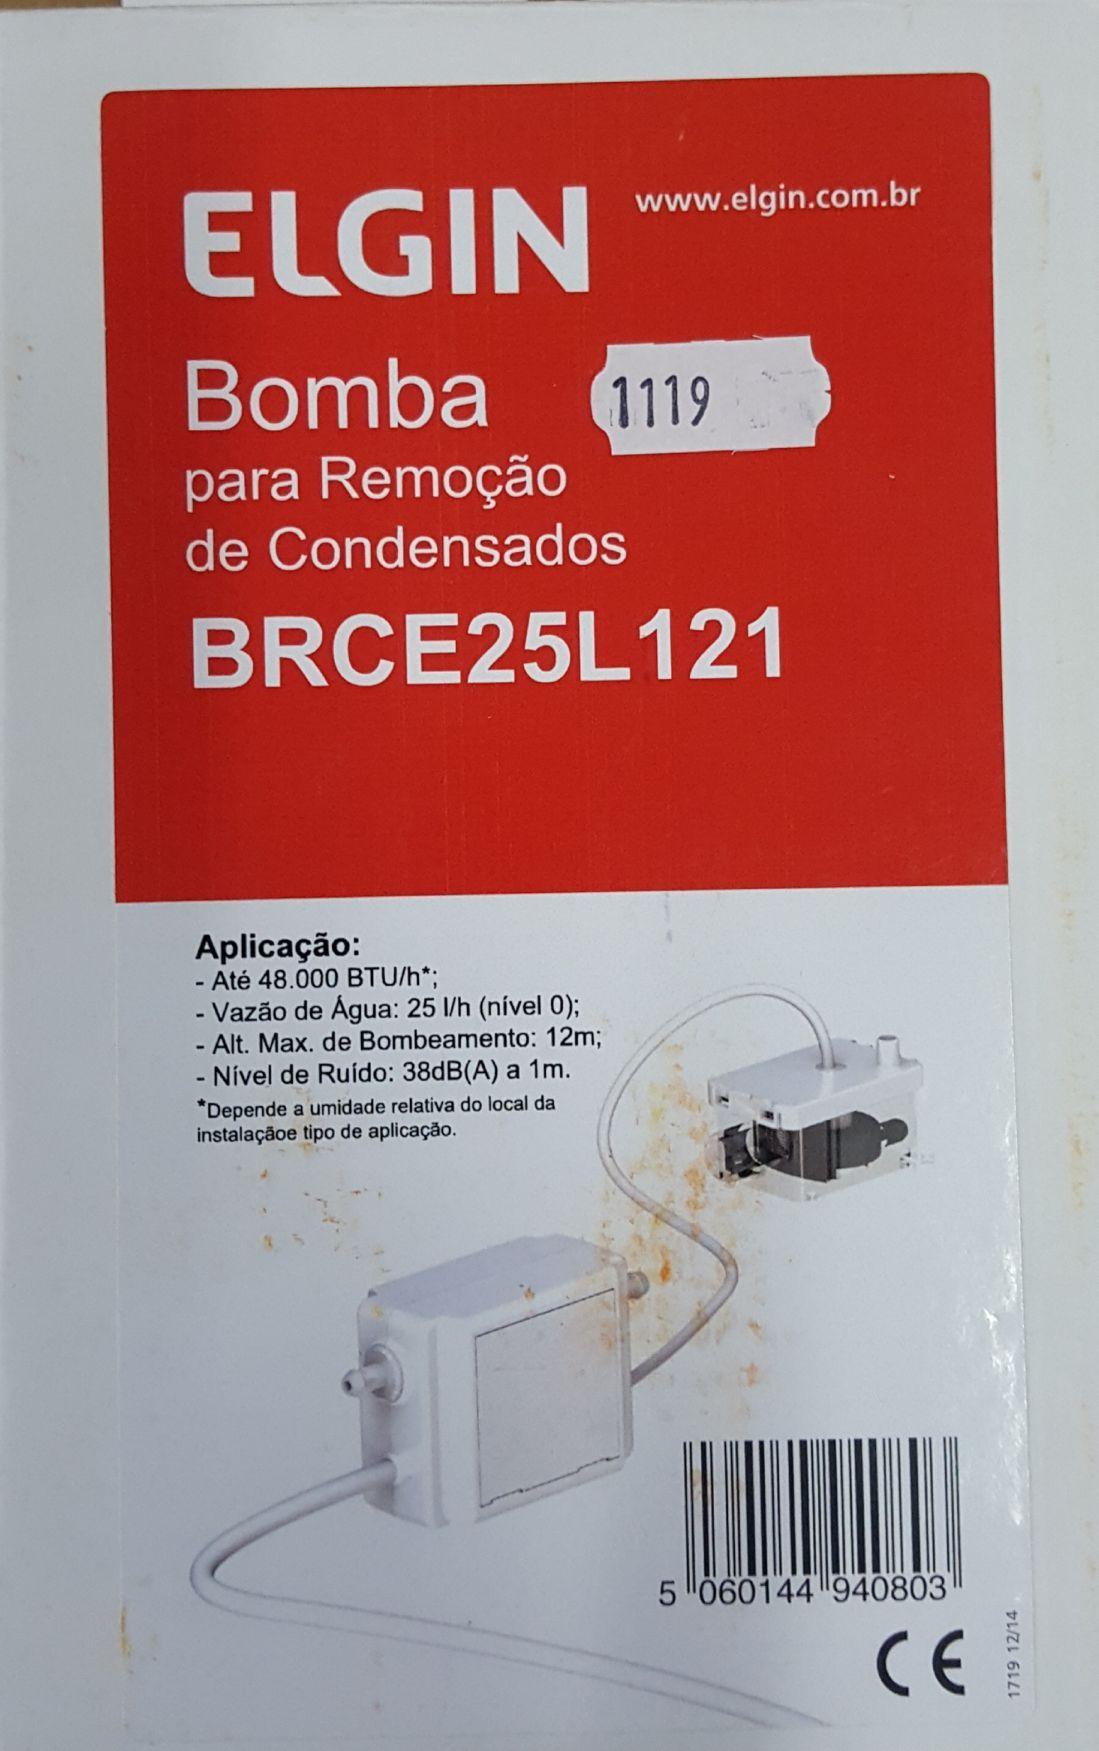 BOMBA PARA REMOÇÃO DE CONDENSADOS 25 l/h - ELGIN - BRCE25L121